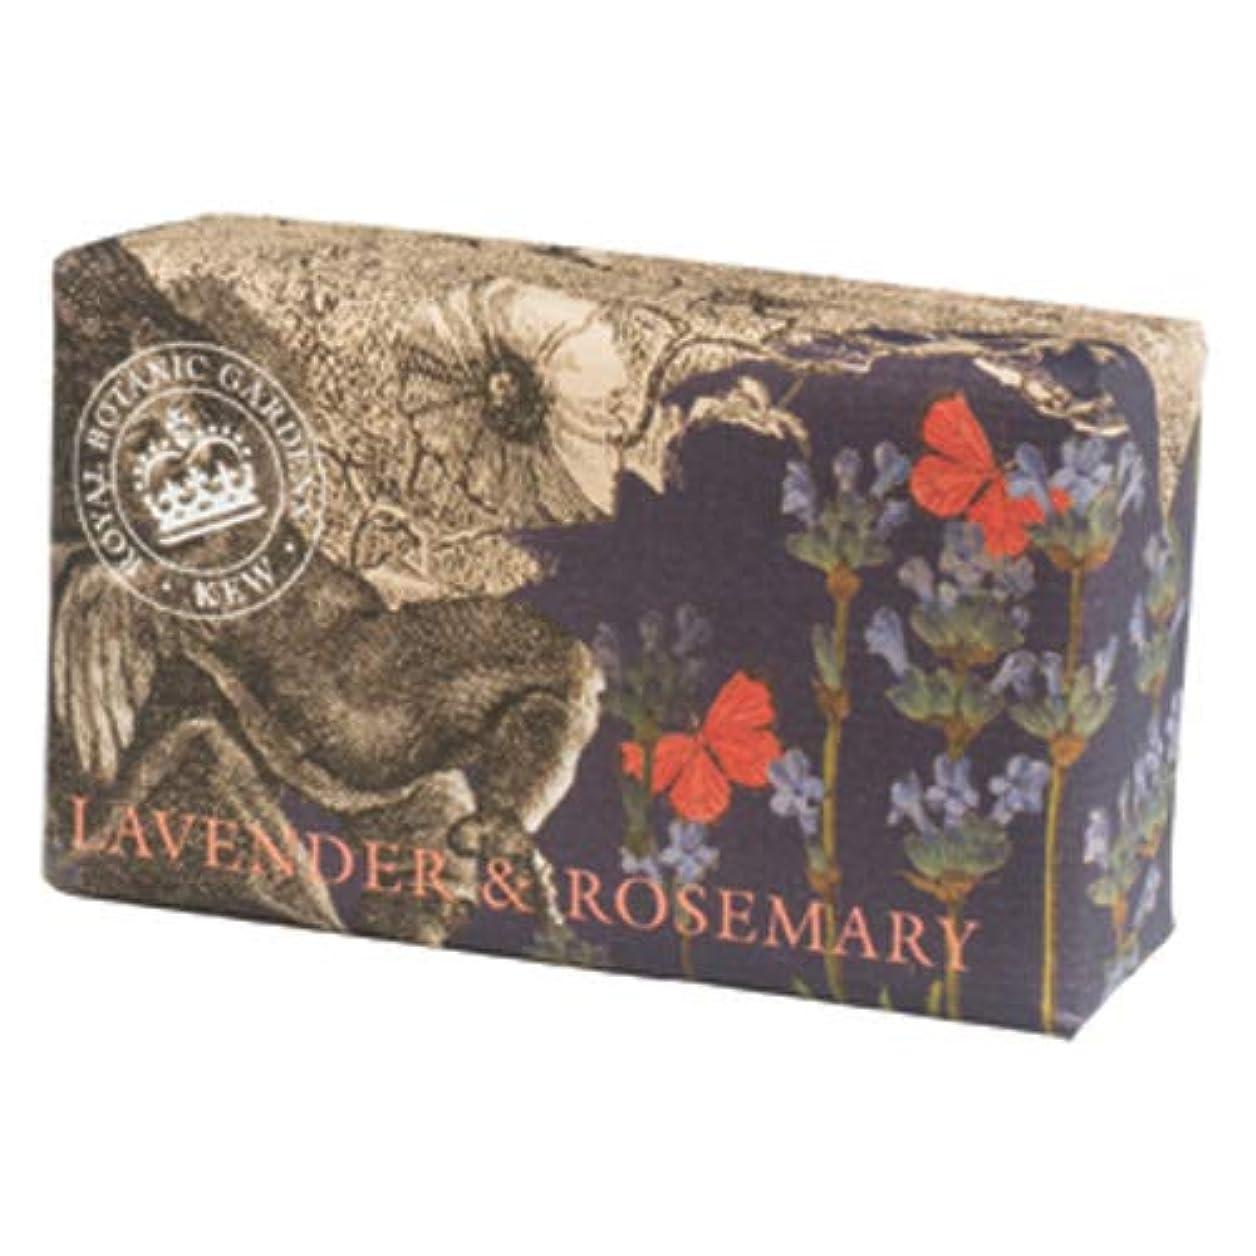 反発箱カジュアルEnglish Soap Company イングリッシュソープカンパニー KEW GARDEN キュー?ガーデン Luxury Shea Soaps シアソープ Lavender & Rosemary ラベンダー&ローズマリー